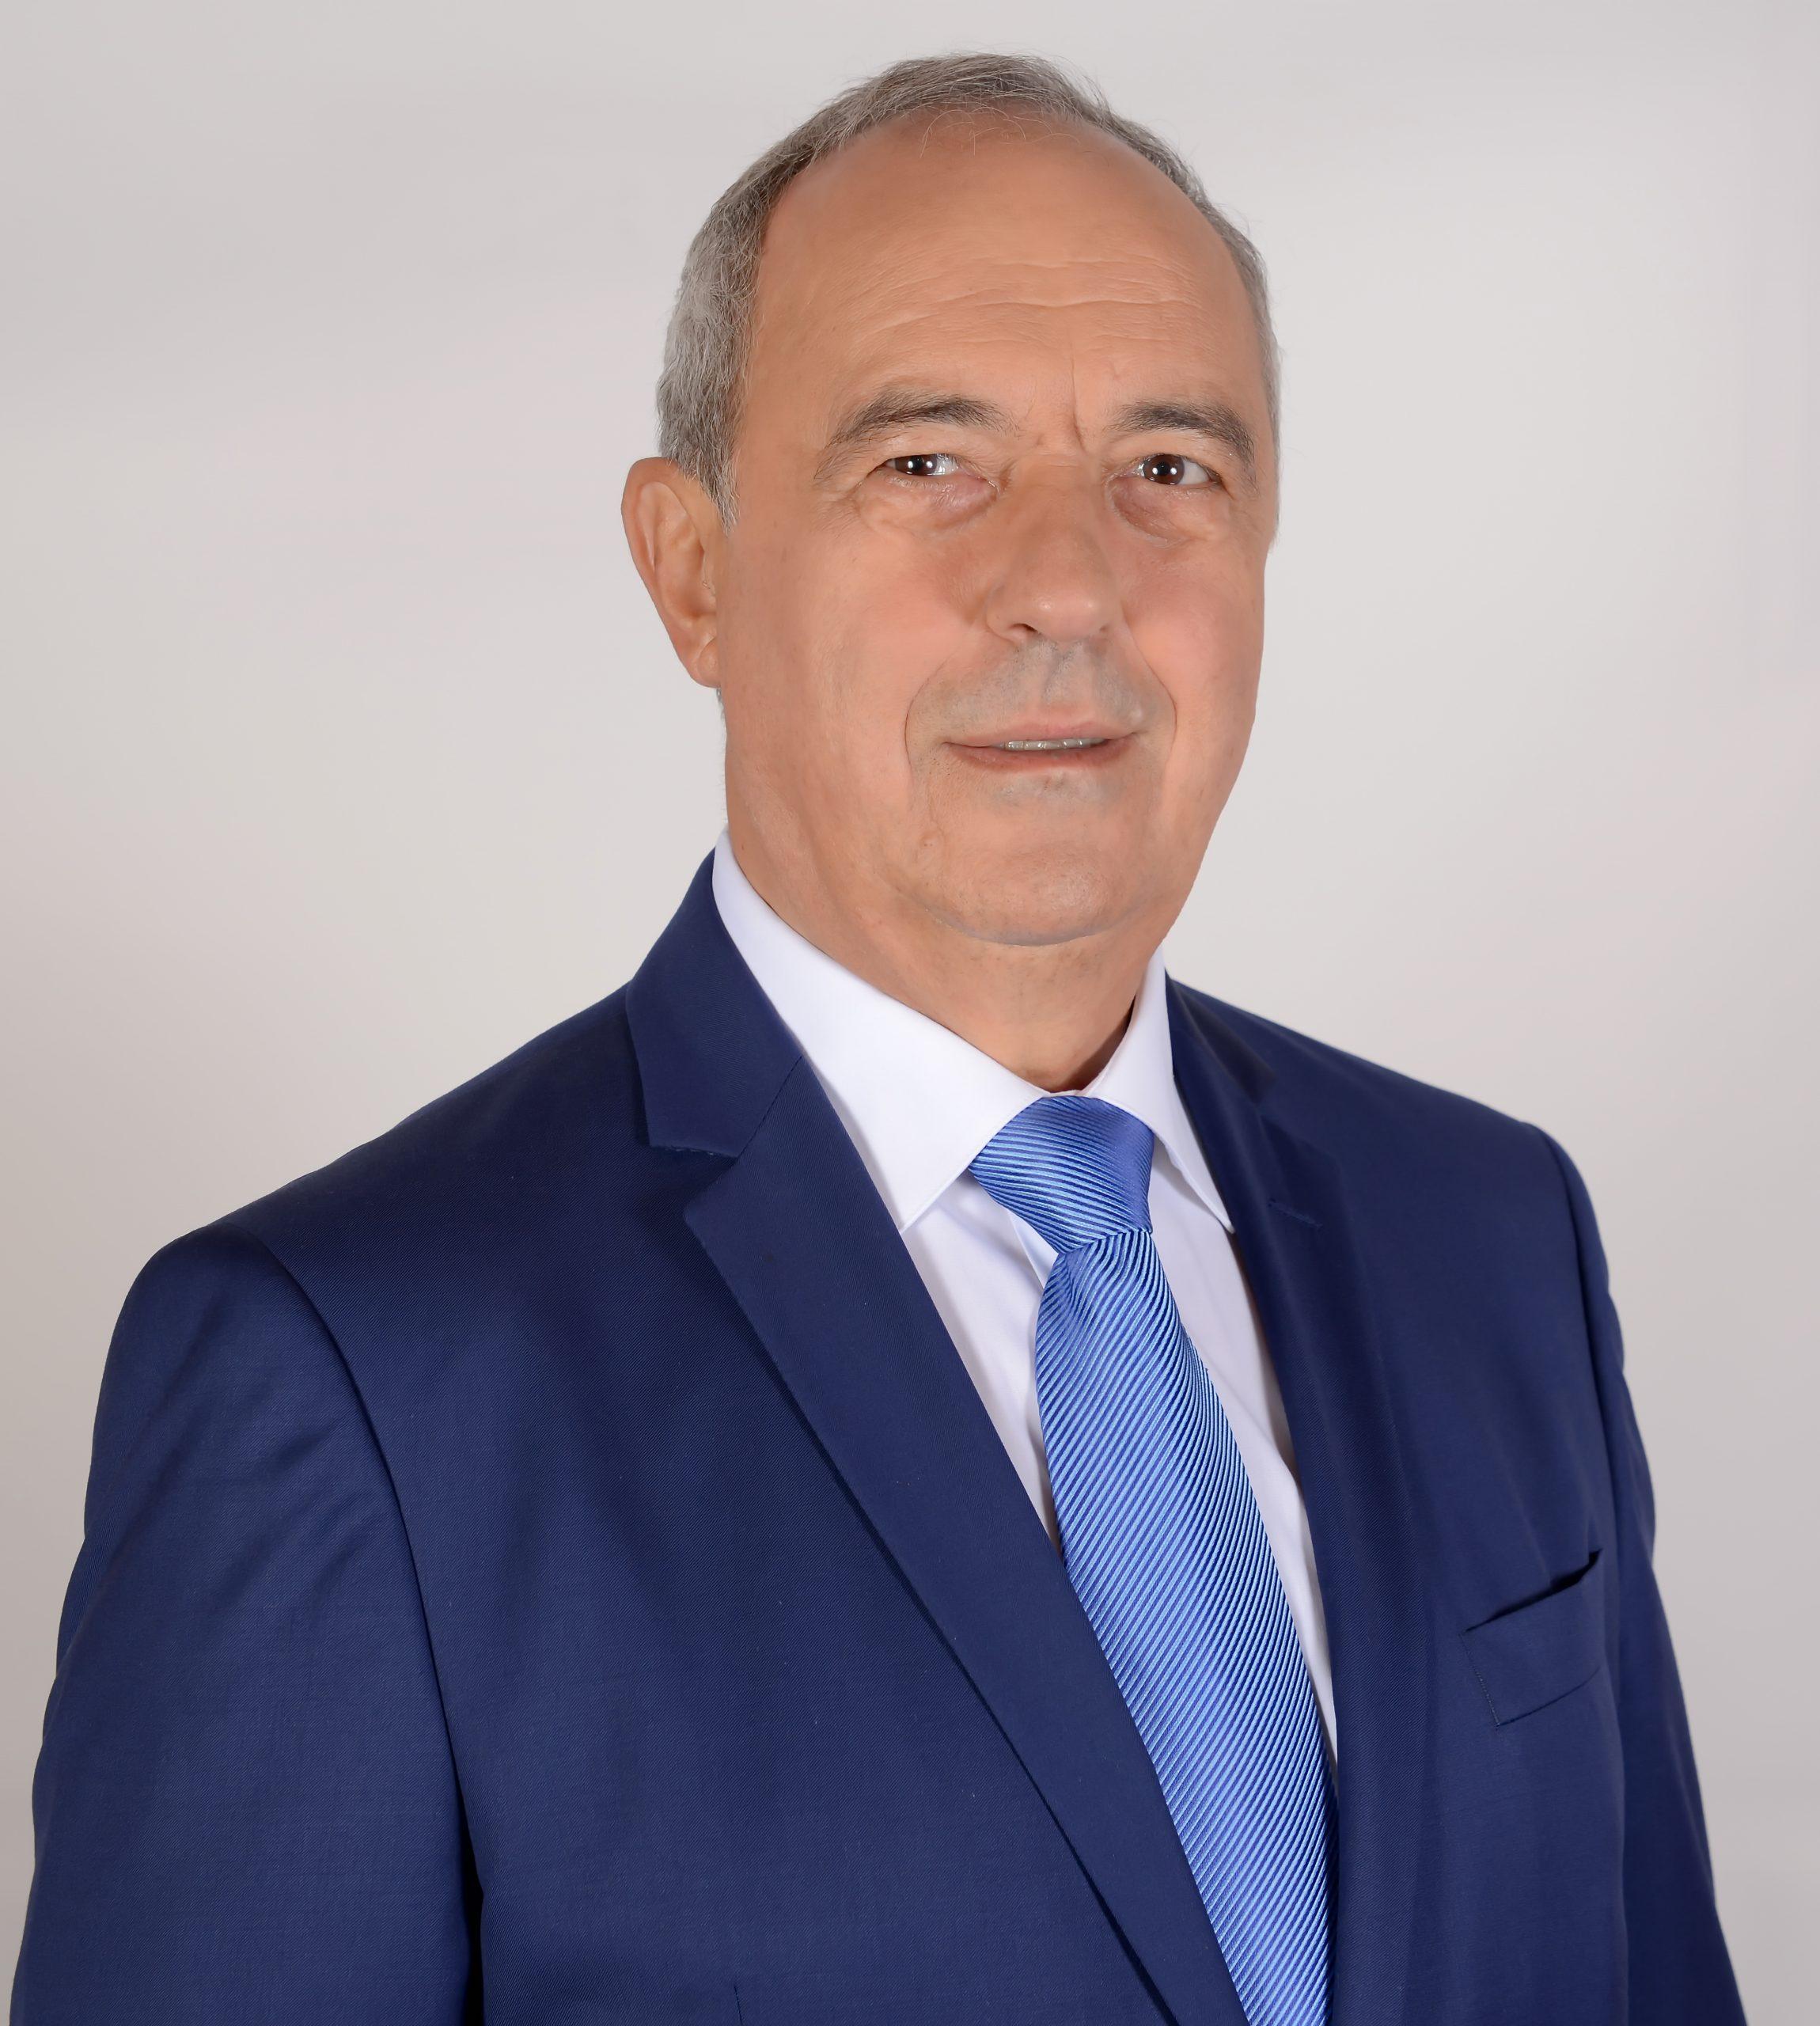 Laurențiu Nistor (PSD), validat în funcția de președinte al CJ Hunedoara